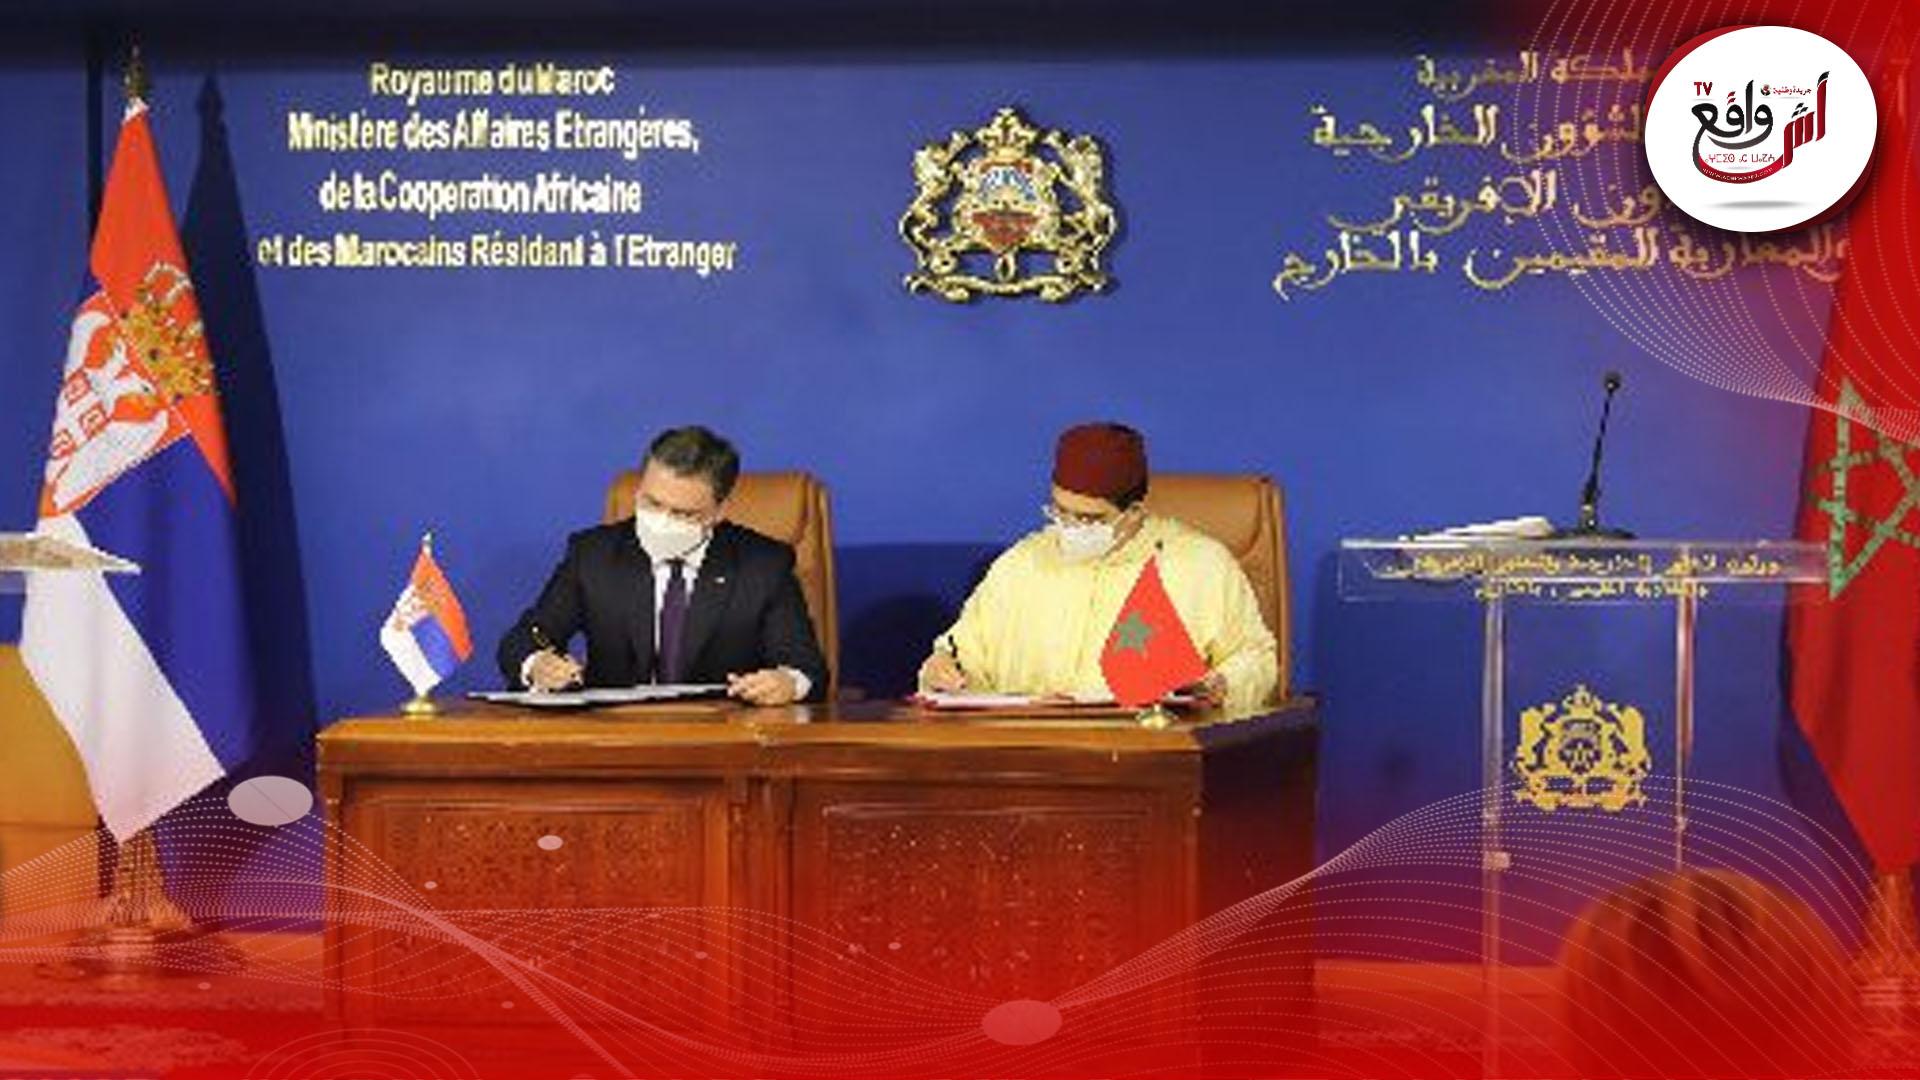 ministre Serbes: L'initiative marocaine d'autonomie, une solution sérieuse et crédible